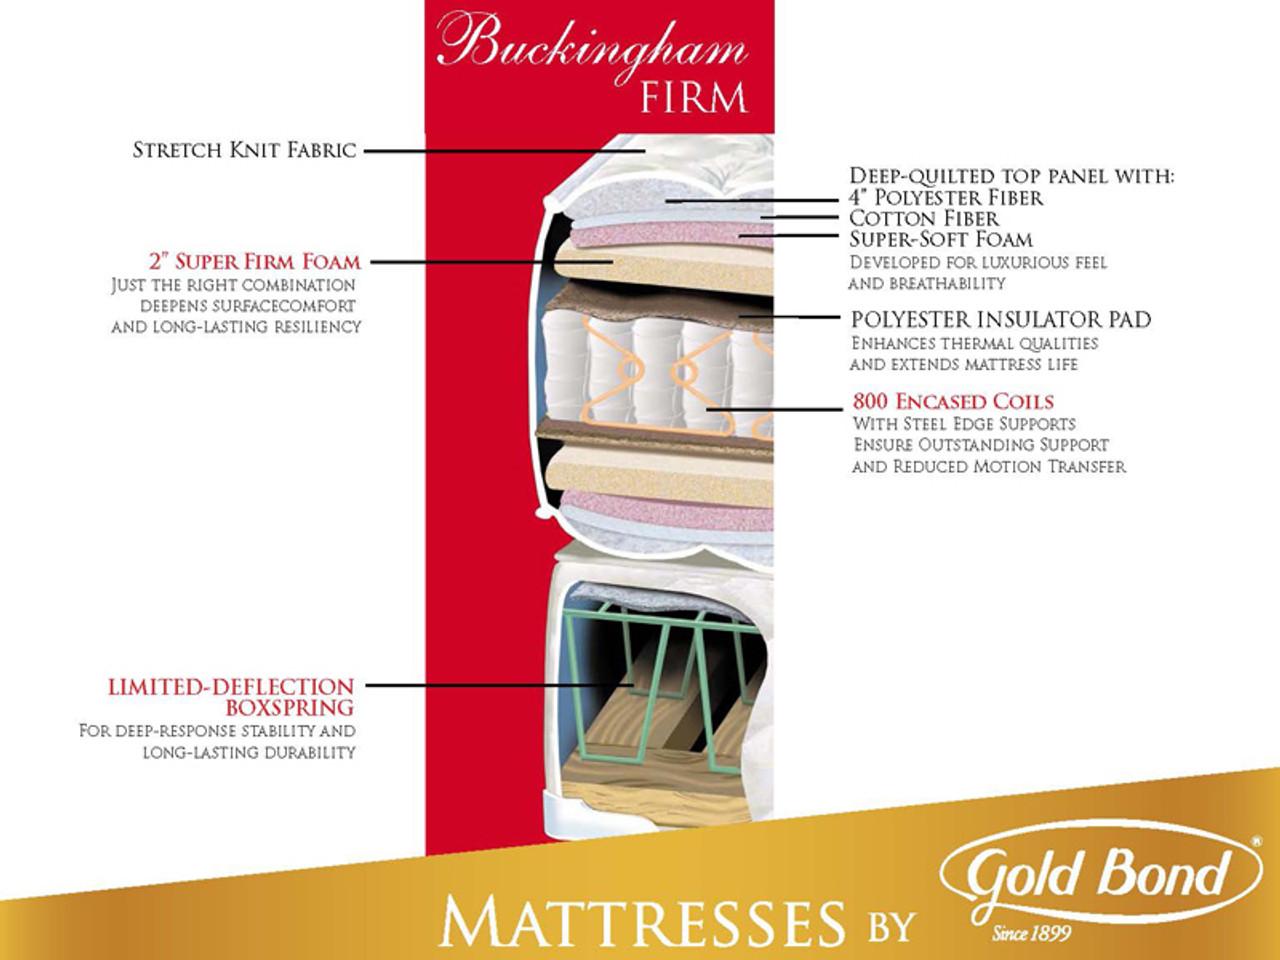 Gold Bond Buckingham Firm Mattress Bedroom Source